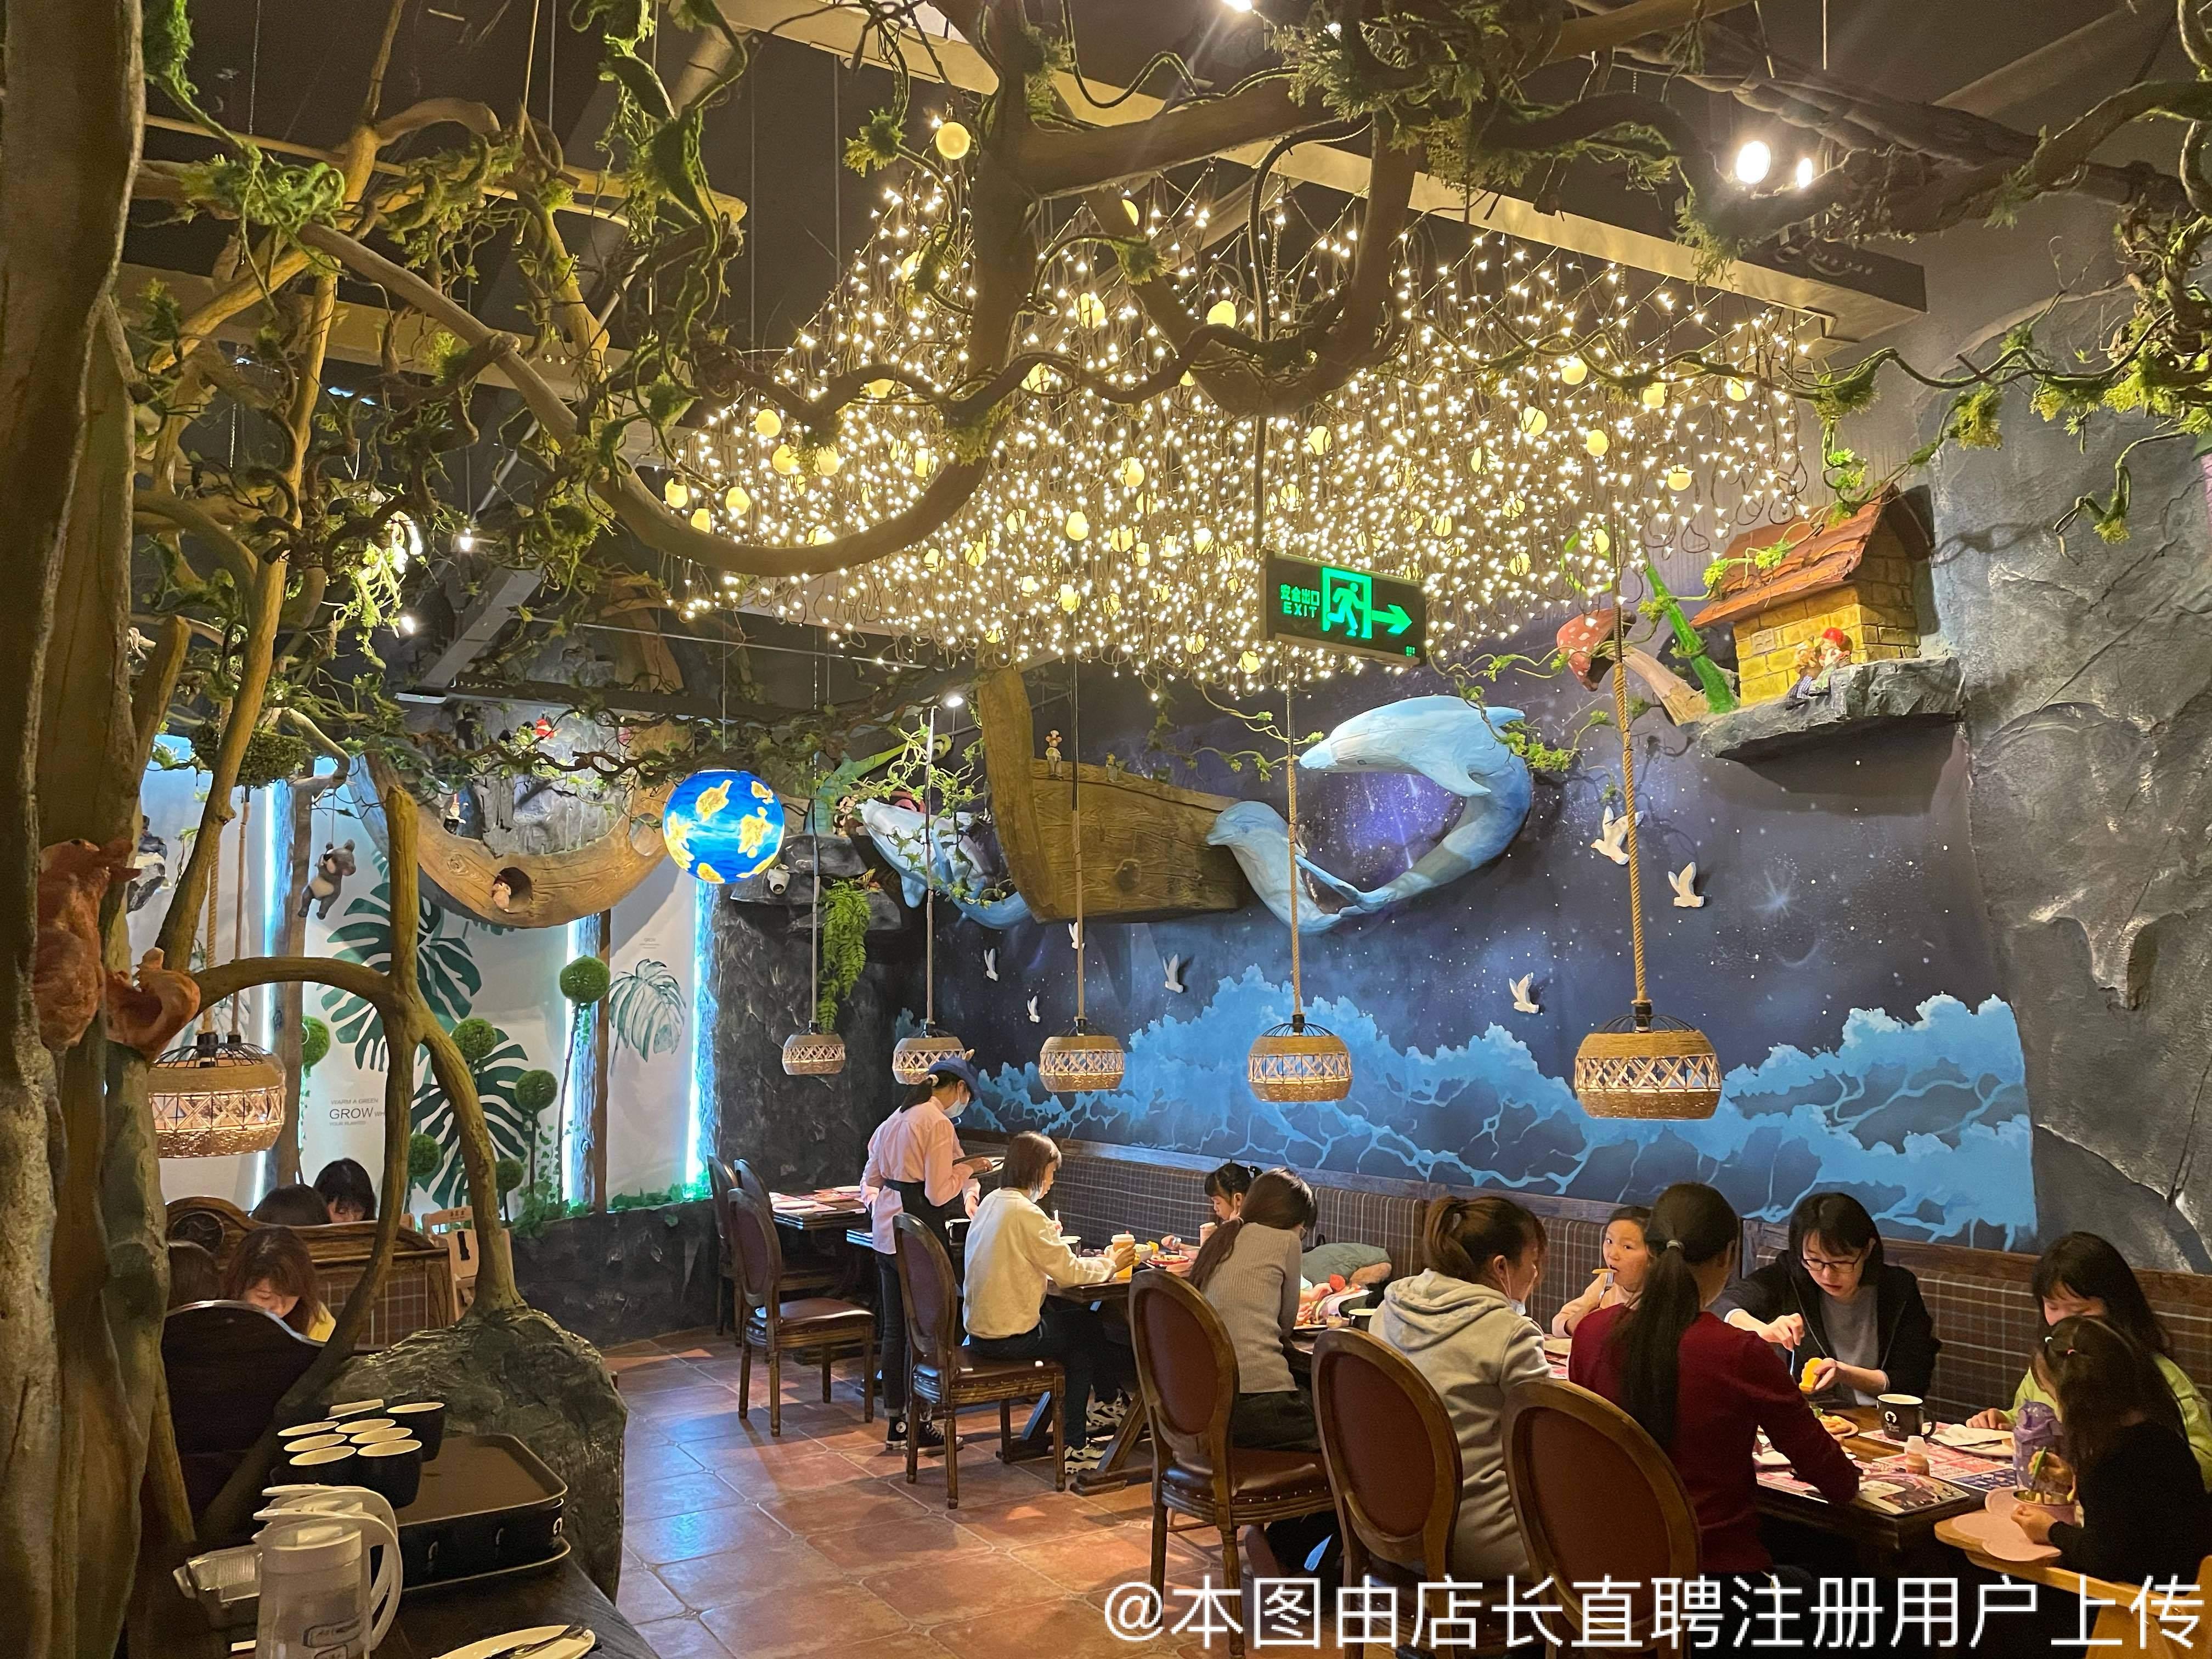 天津河西区祖母的魔法凯德茂餐厅店